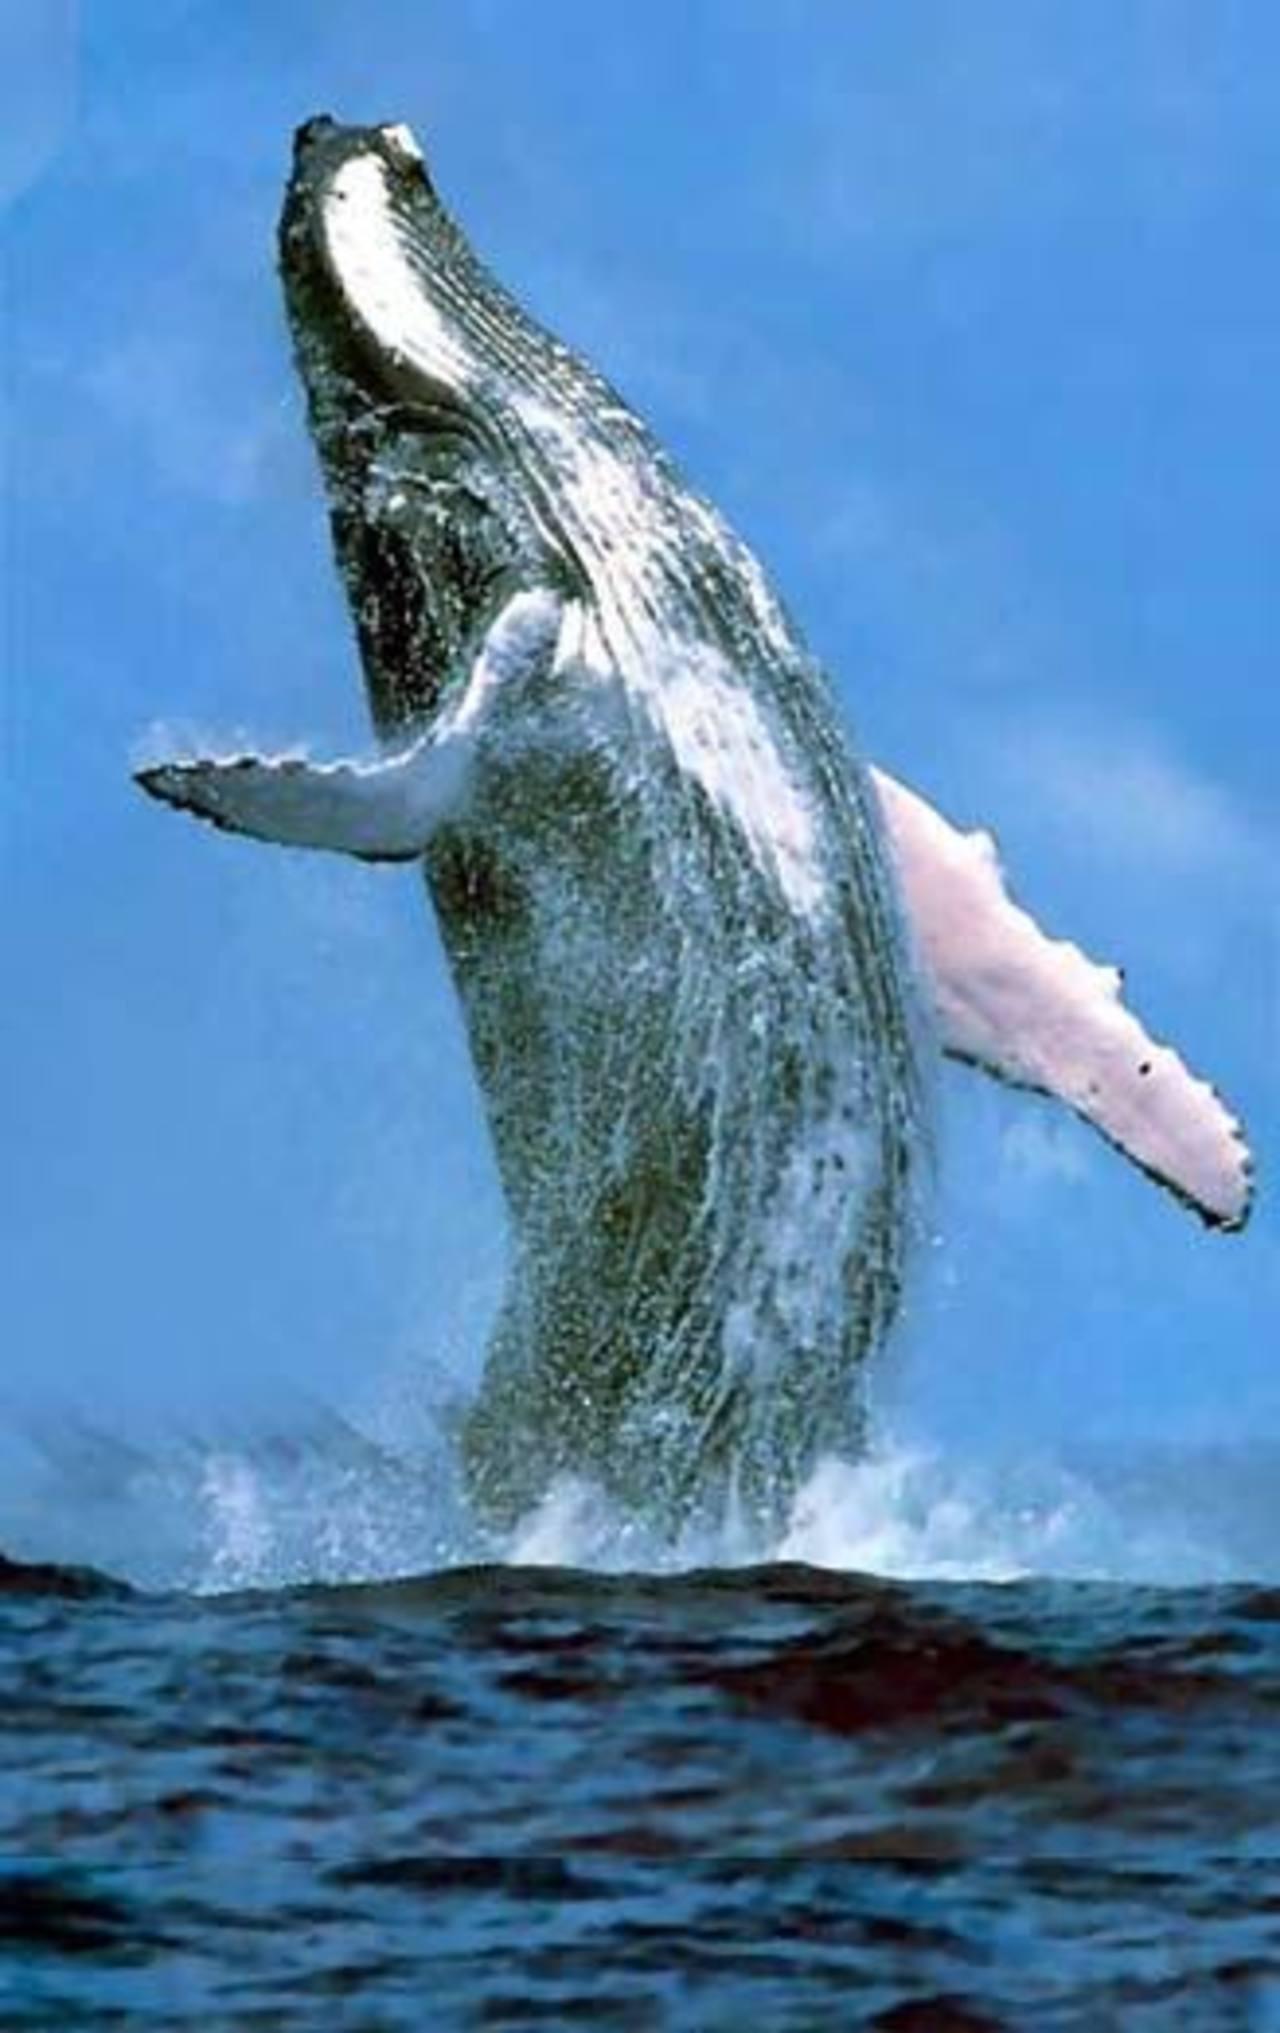 Las ballenas jorobadas llegan entre julio y octubre a aguas costarricenses. Foto eDH